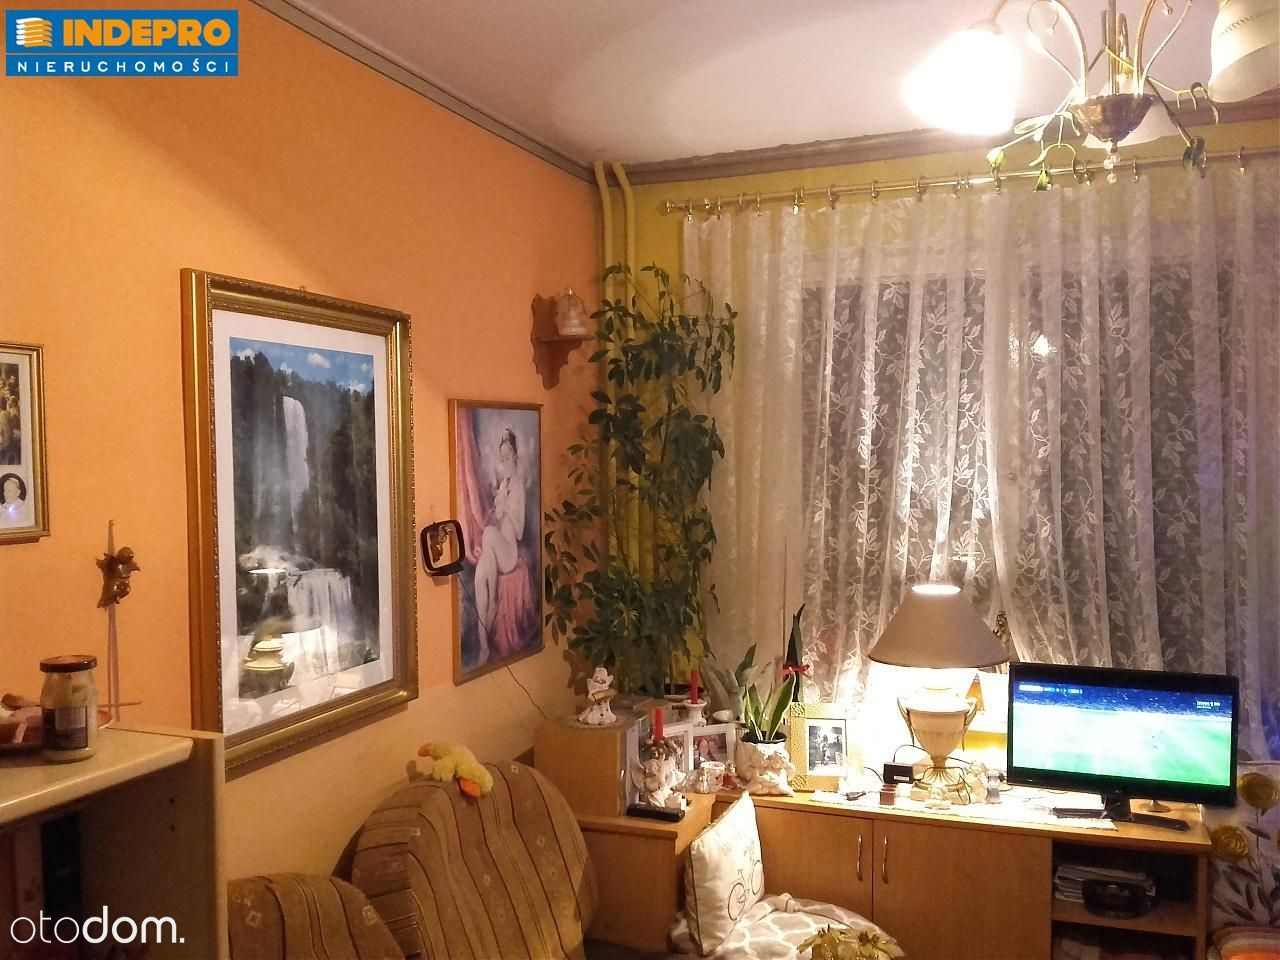 Mieszkanie na sprzedaż, Wąbrzeźno, wąbrzeski, kujawsko-pomorskie - Foto 1